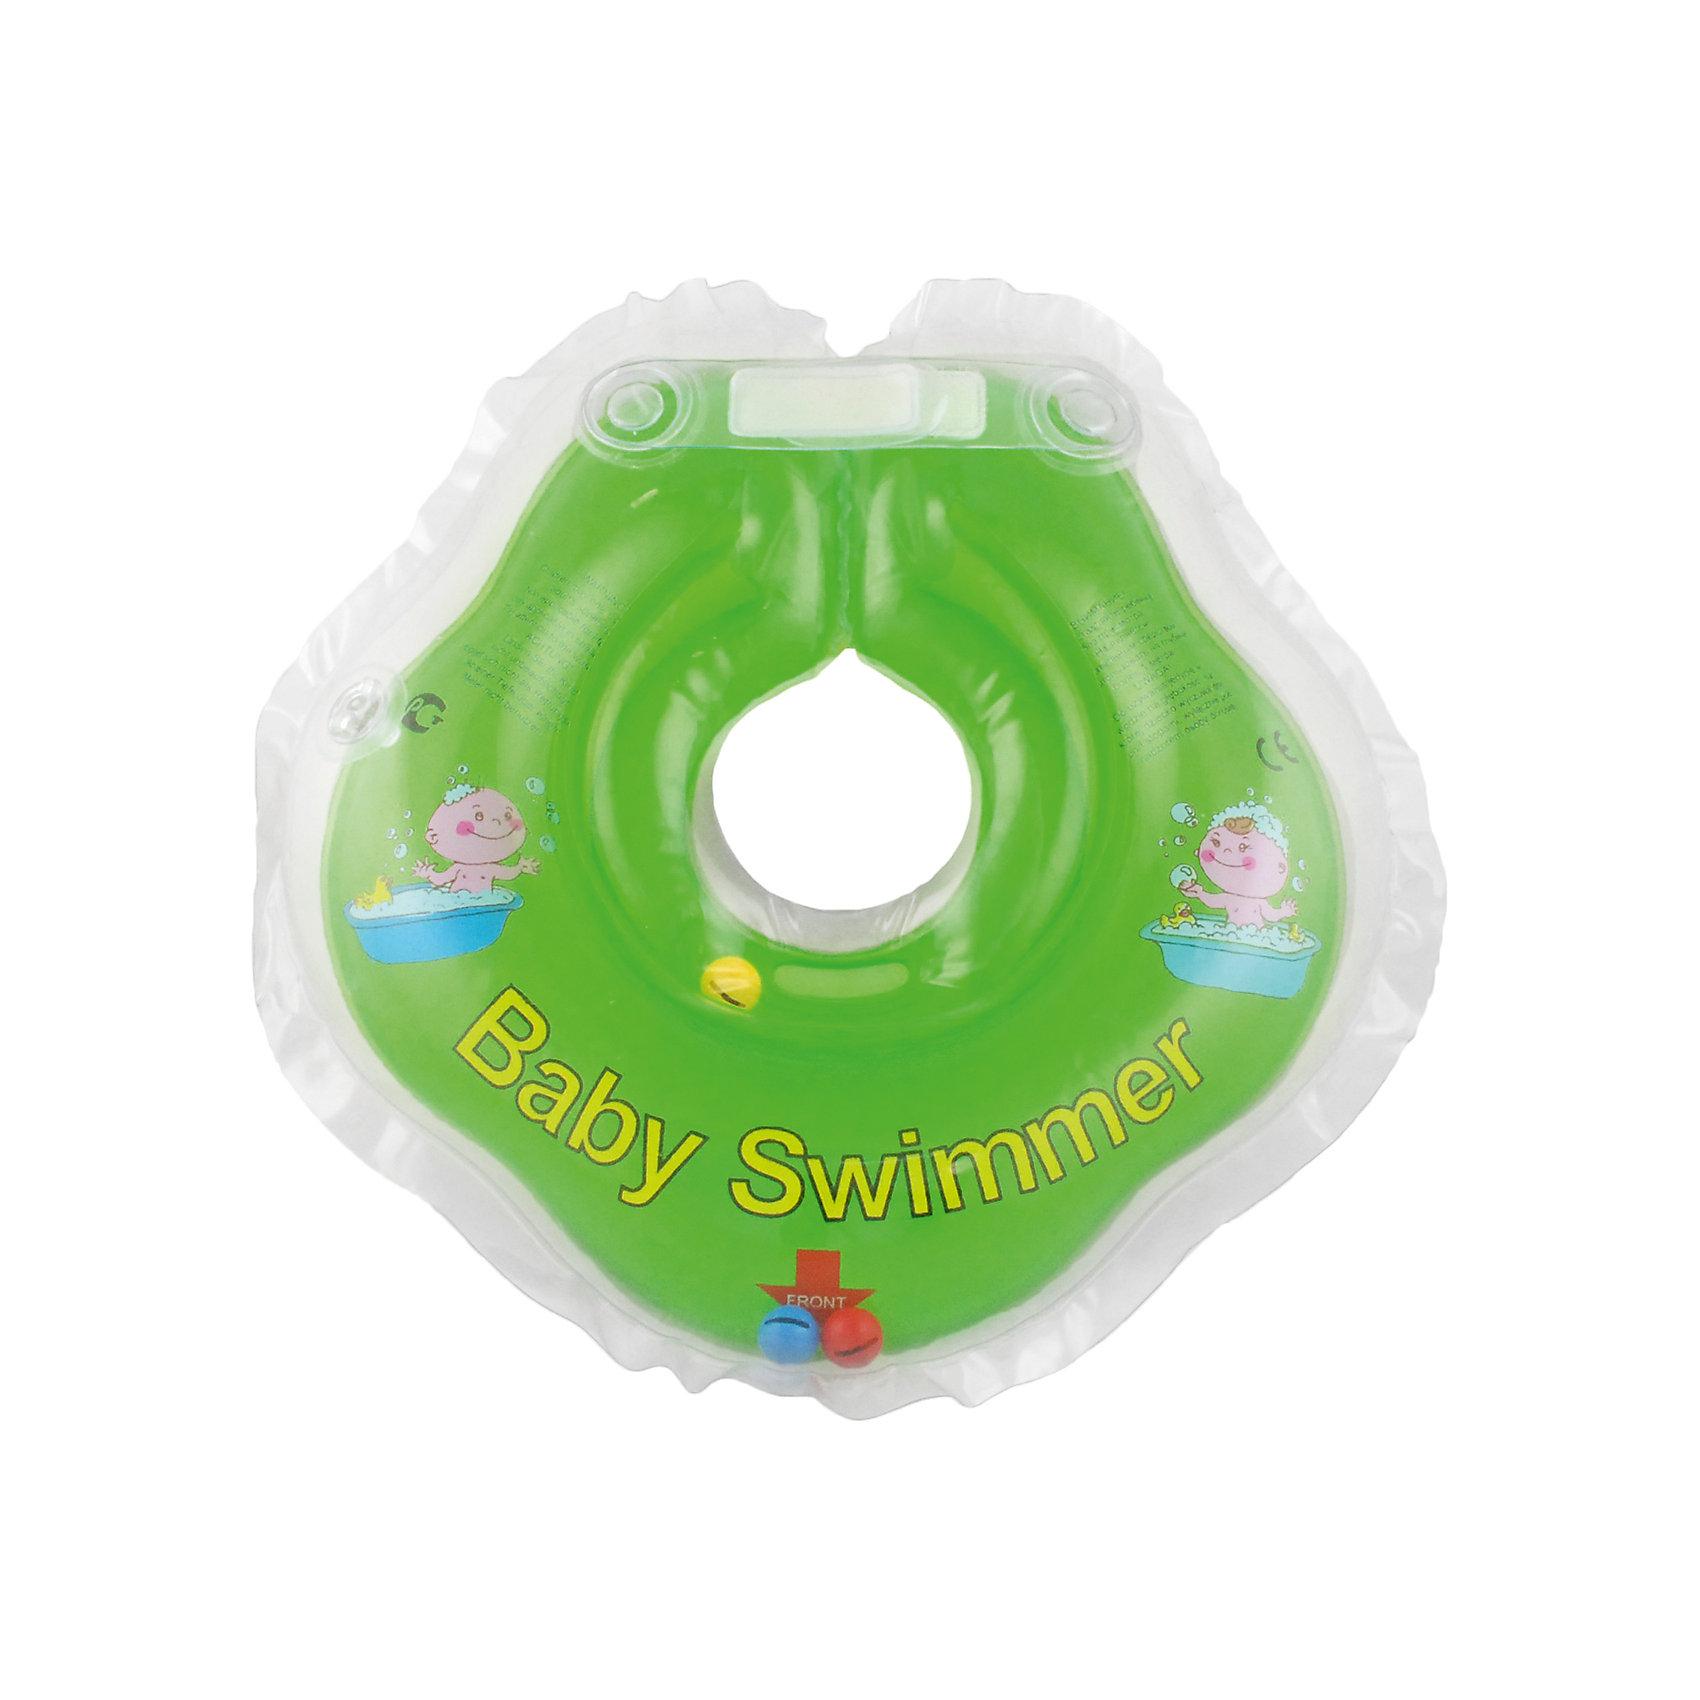 Круг для купания с погремушкой внутри BabySwimmer, салатовый (Baby Swimmer)